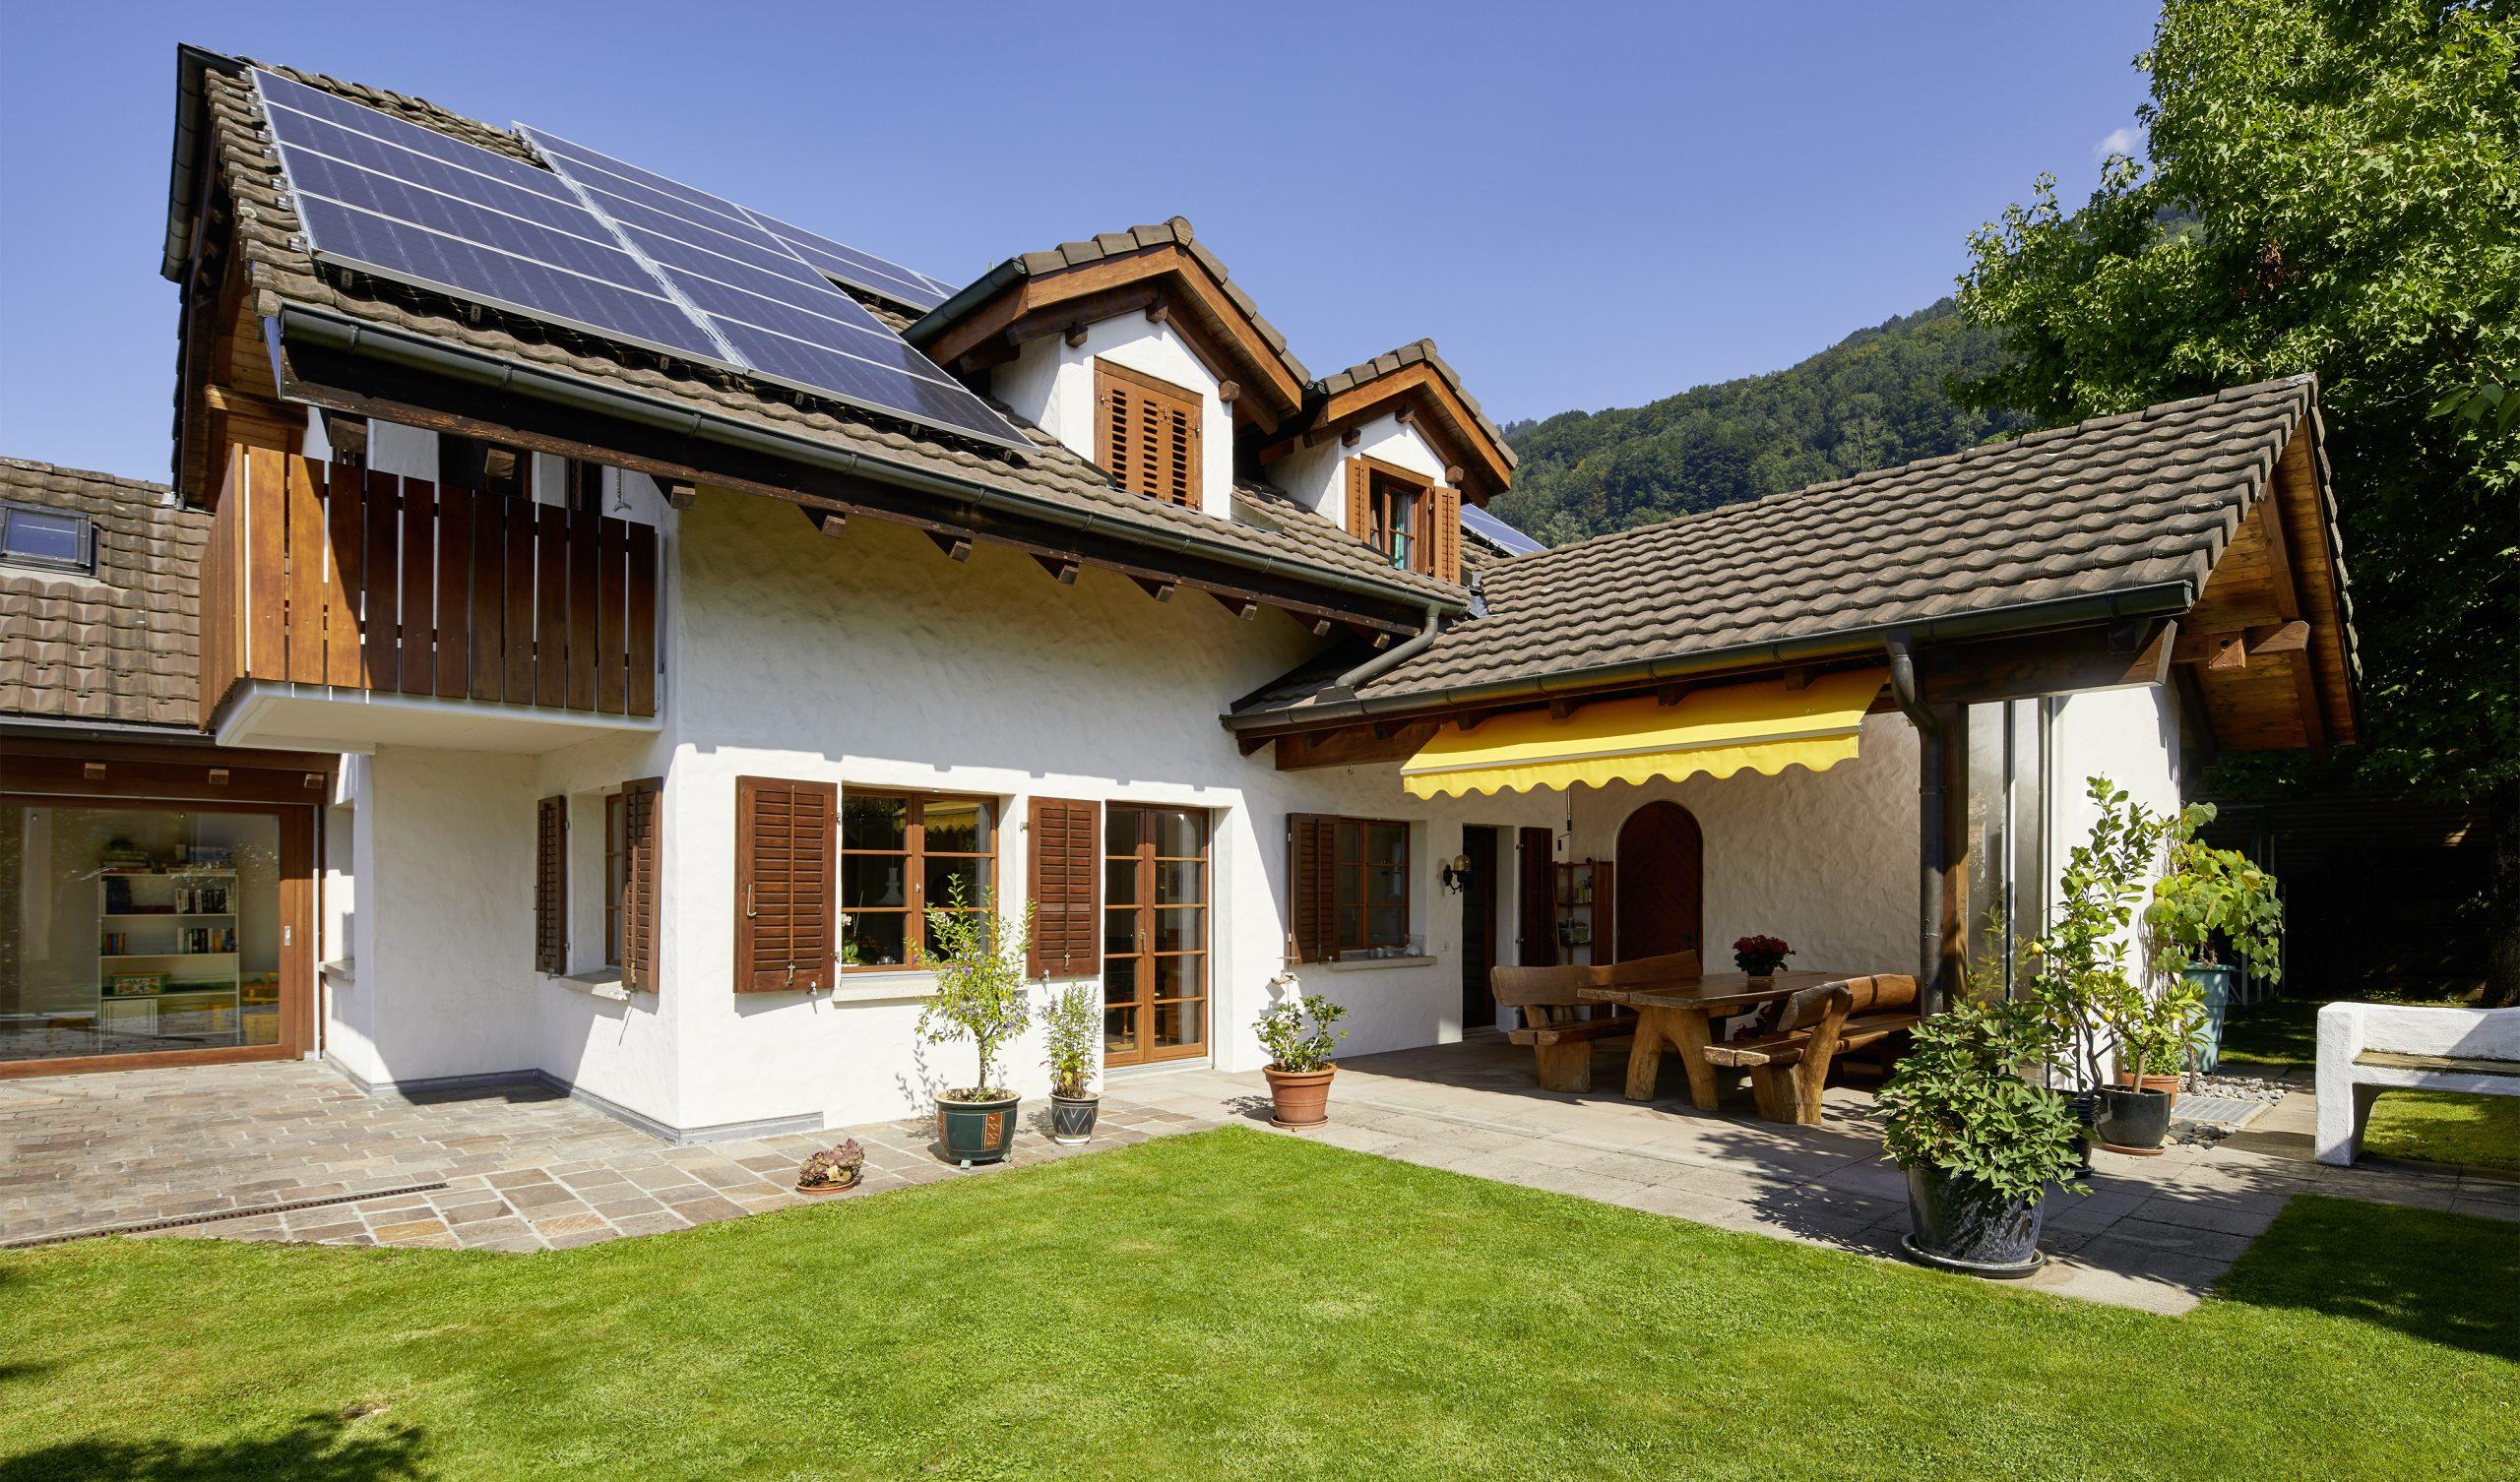 Einfamilienhaus mit herrlichem Aussenbereich